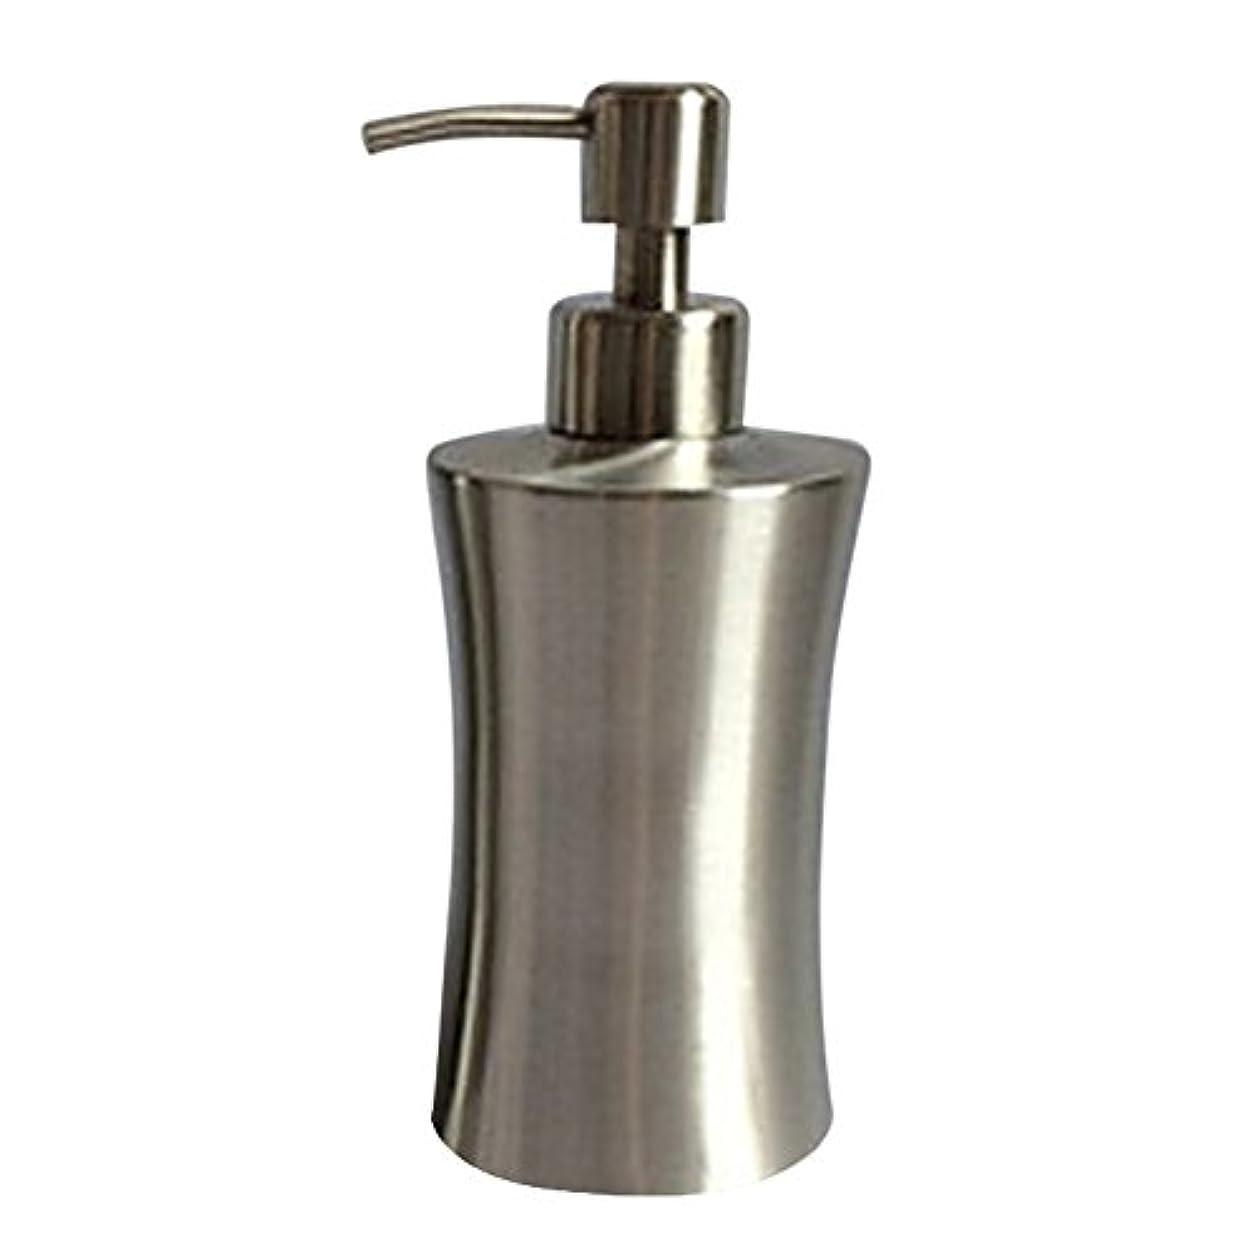 傀儡序文重荷ディスペンサー ステンレス ボトル 容器 ソープ 石鹸 シャンプー 手洗いボトル 耐久性 錆びない 220ml/250ml/400ml (C:400ml)